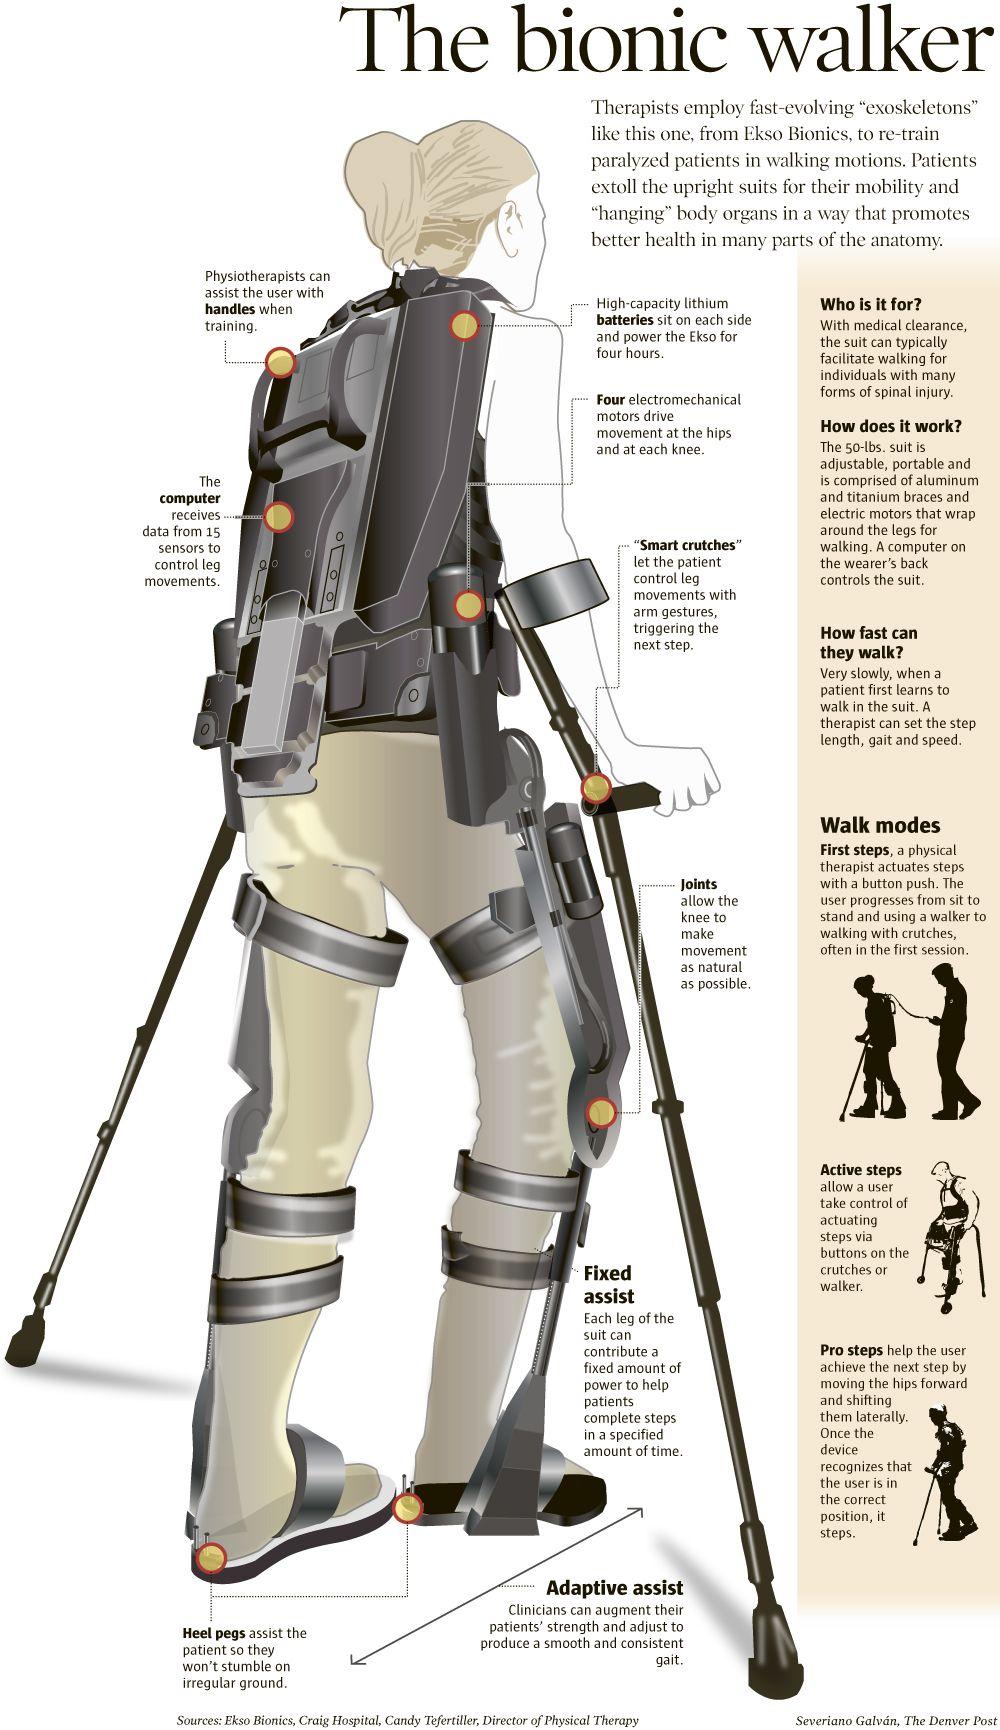 The bionic walker